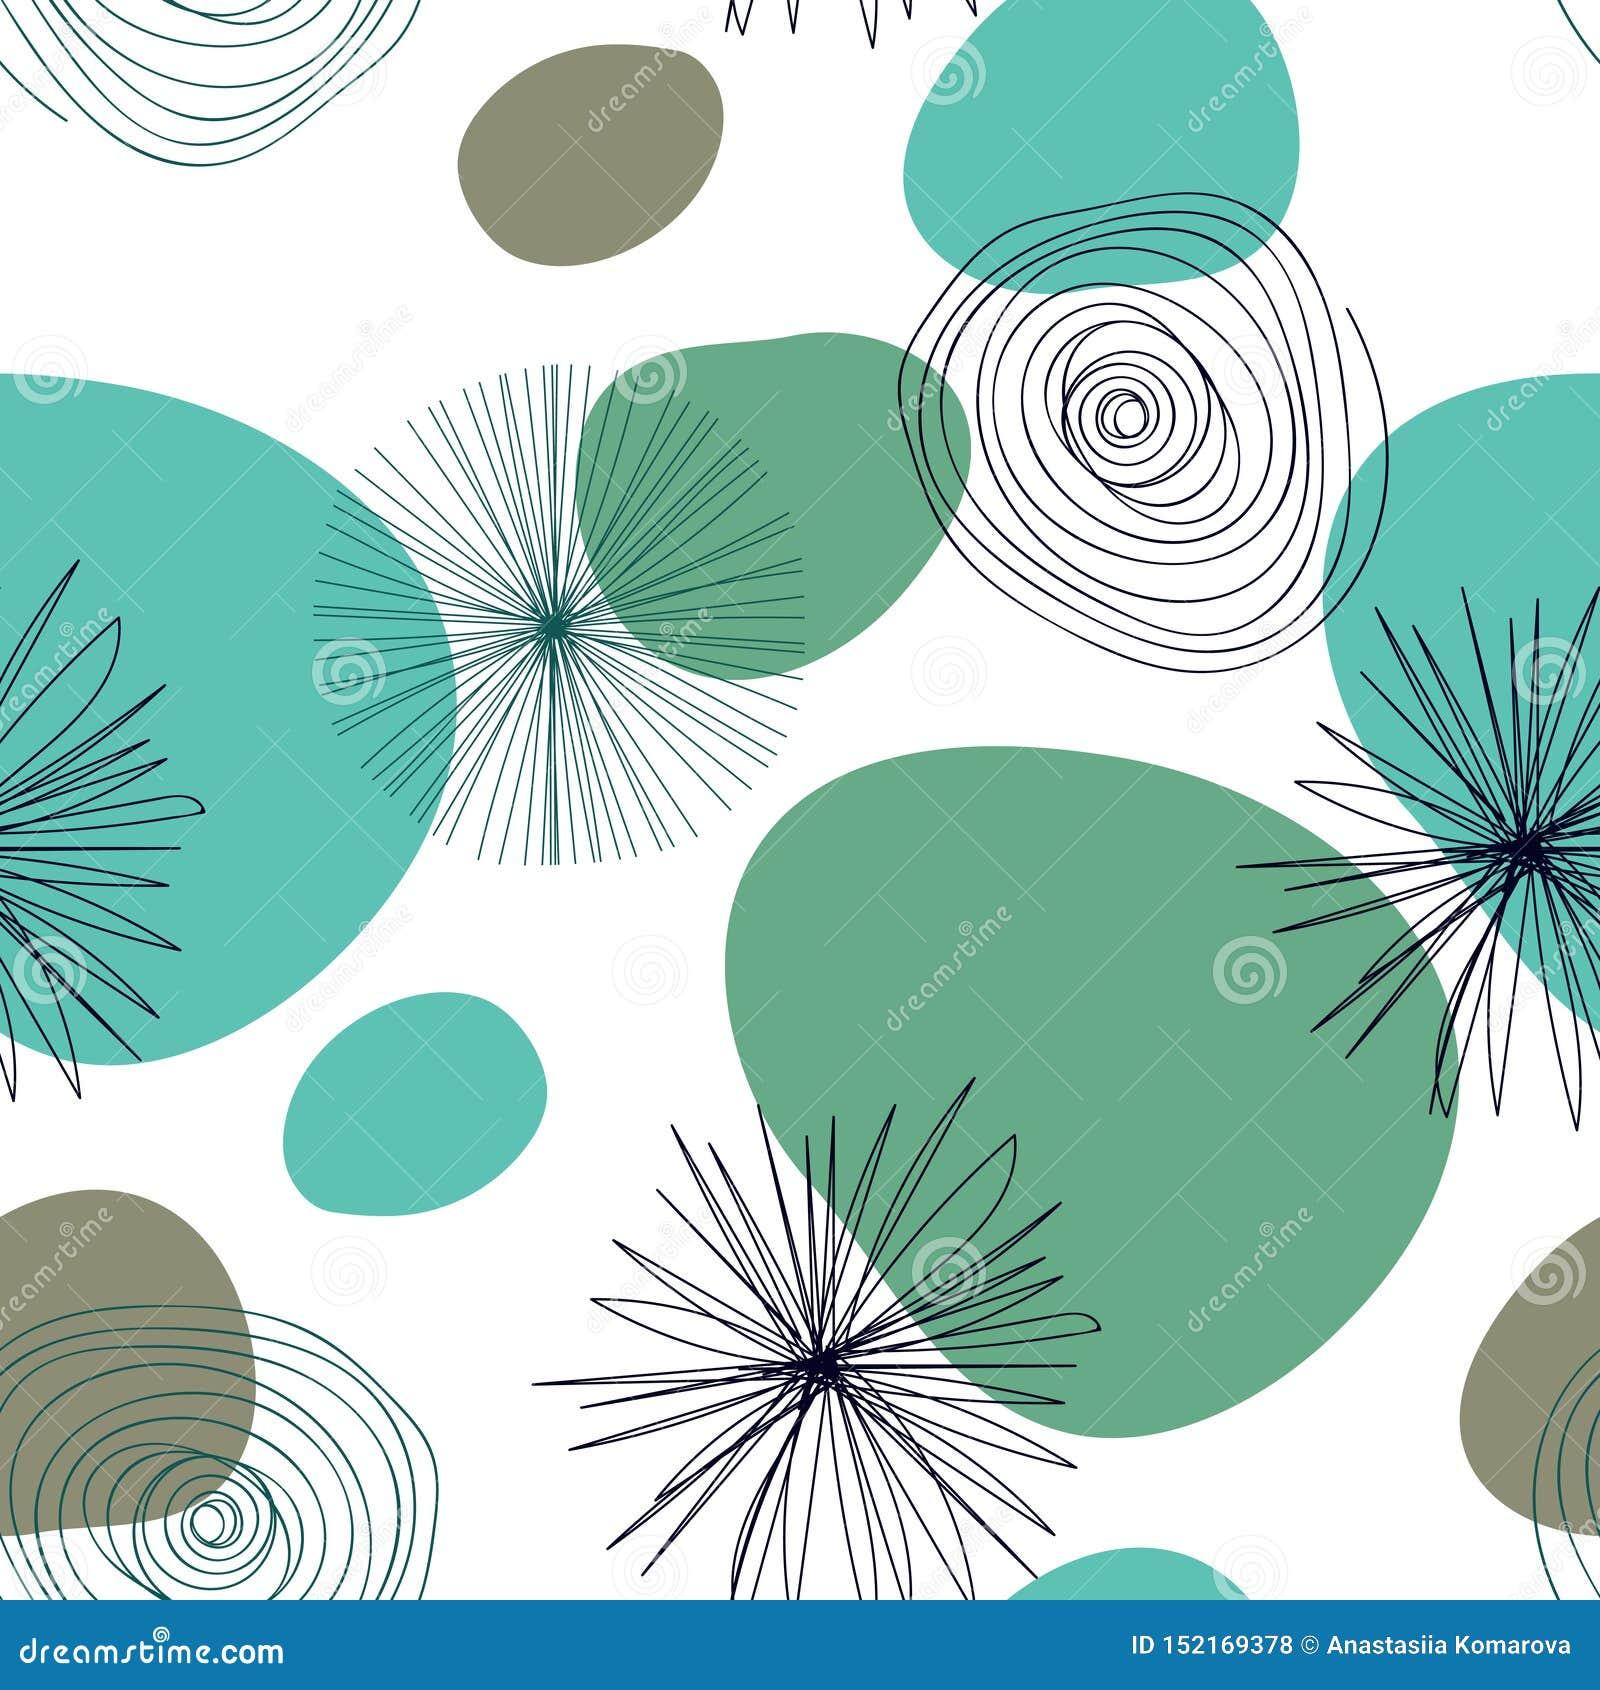 Modèle sans couture abstrait avec des éléments de graphyc - formes abstraites modernes : lignes ; spirale ; cercles